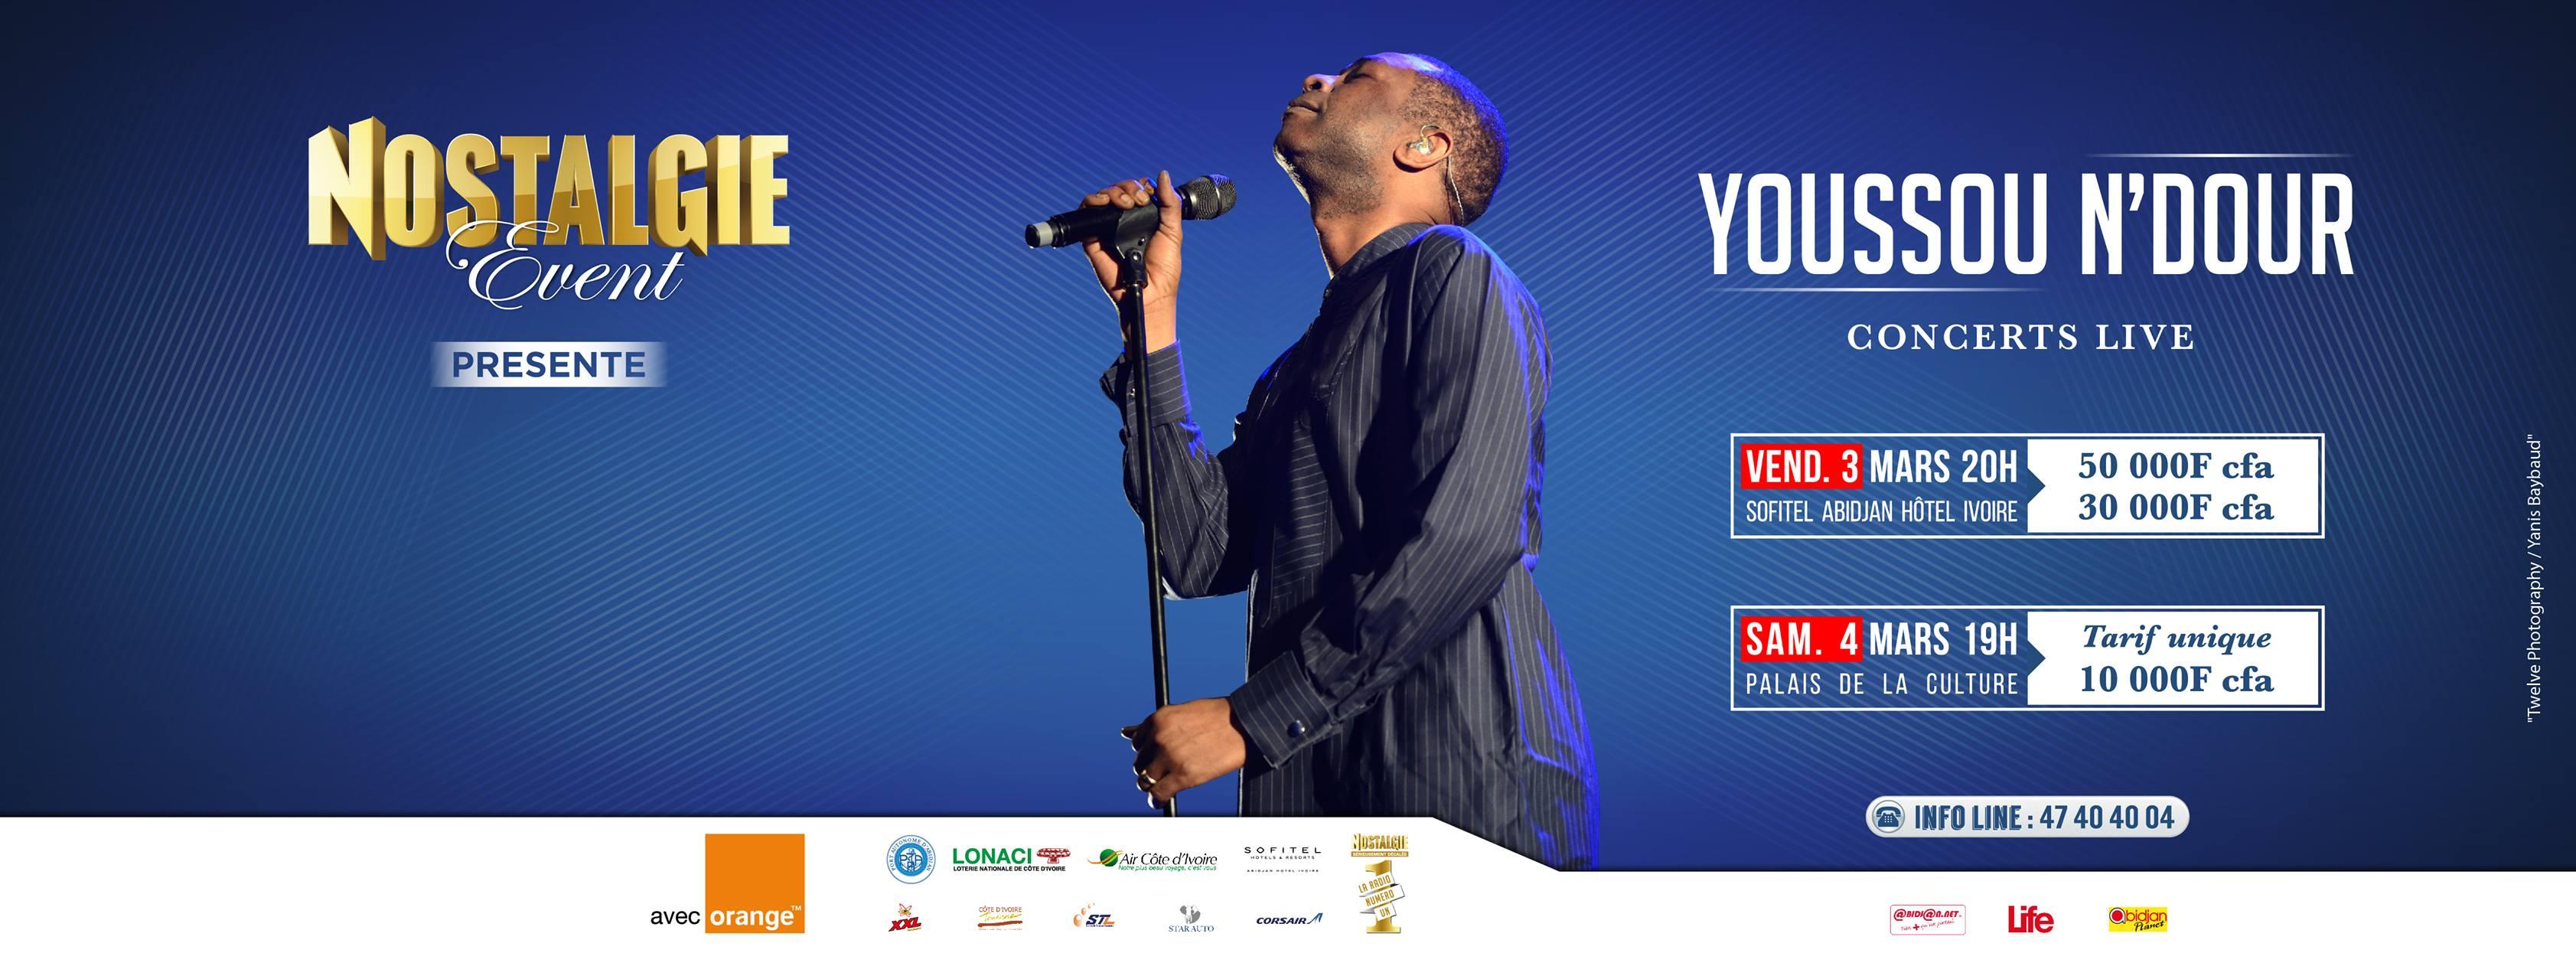 Youssou Ndour en concert à Abidjan